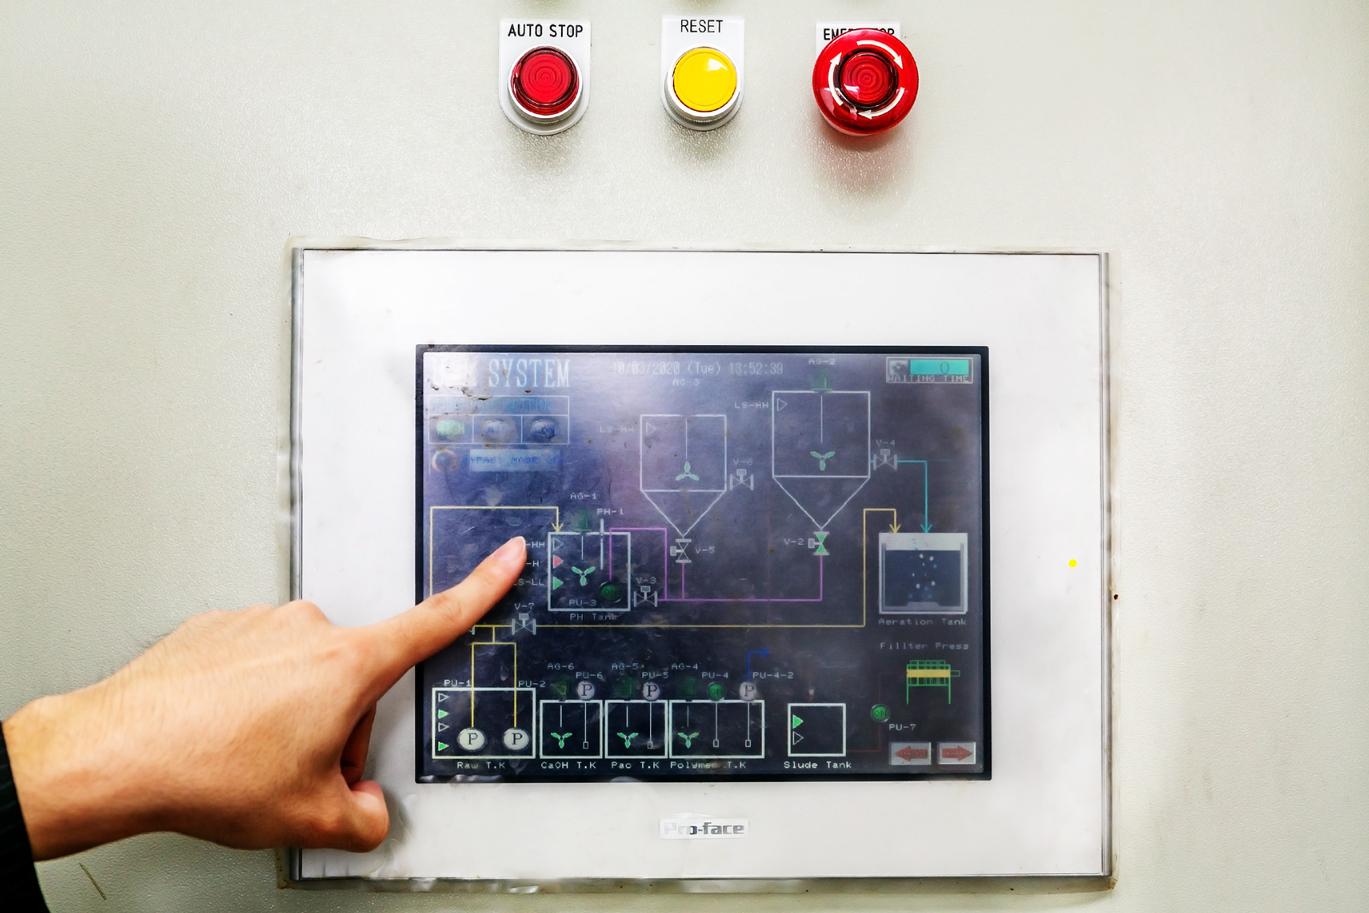 การปรับค่ากรดด่าง (pH) หรือใช้สารเร่งการตกตะกอนนั้นจะถูกใช้โดยอัตโนมัติผ่านการเขียนโปรแกรม ซึ่งสามารถทำได้อย่างง่ายดายผ่านการควบคุมโดยระบบจอสัมผัส  ช่วยประหยัดทั้งแรงและเวลา